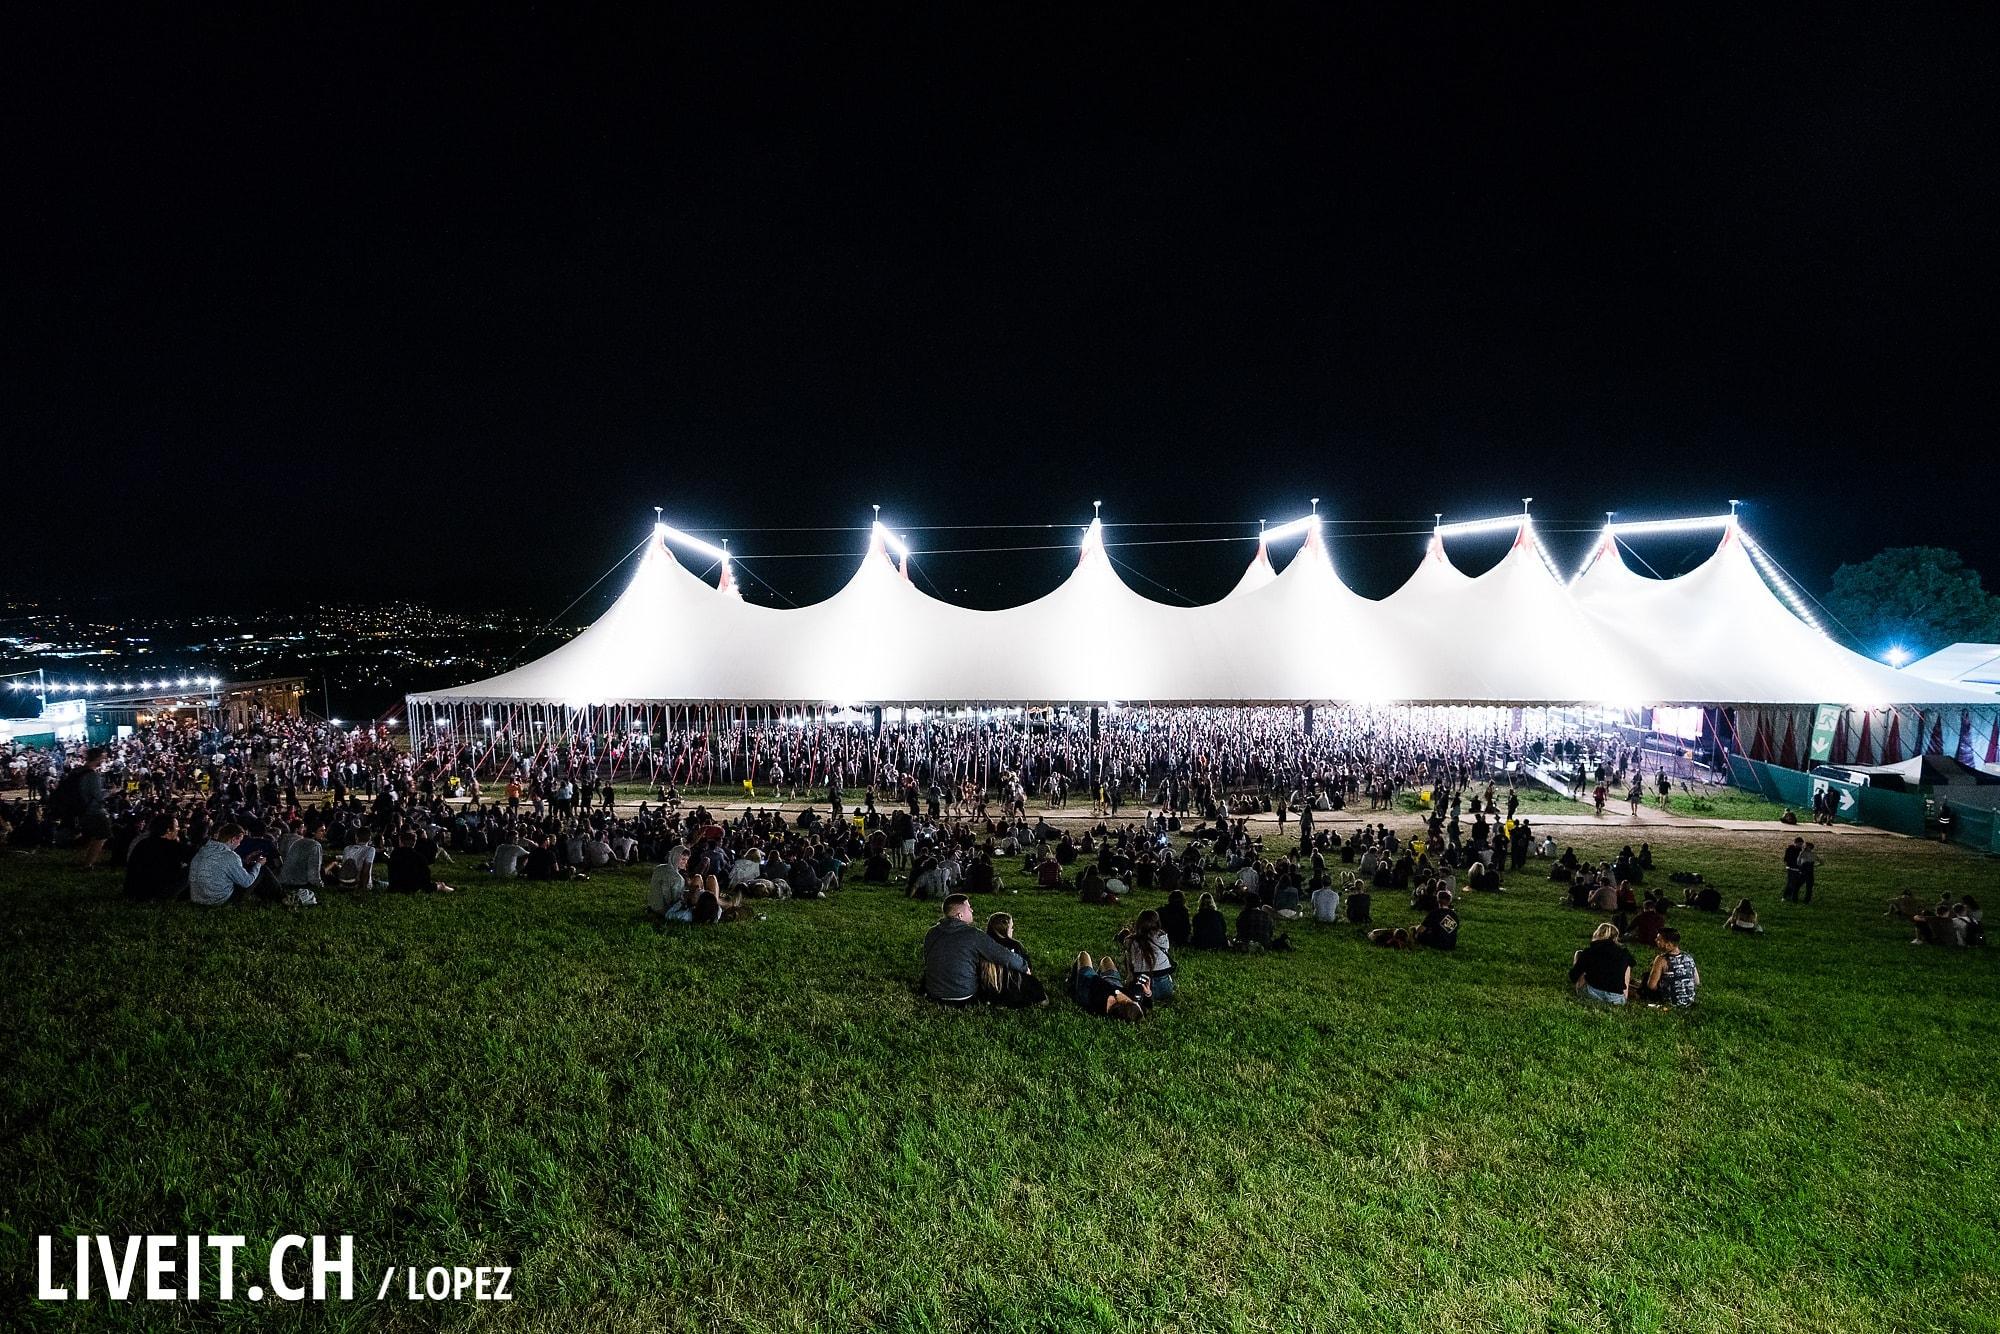 Plan B fotografiert am Gurtenfestival 2018 in Bern. (Manuel Lopez for Gurtenfestival)